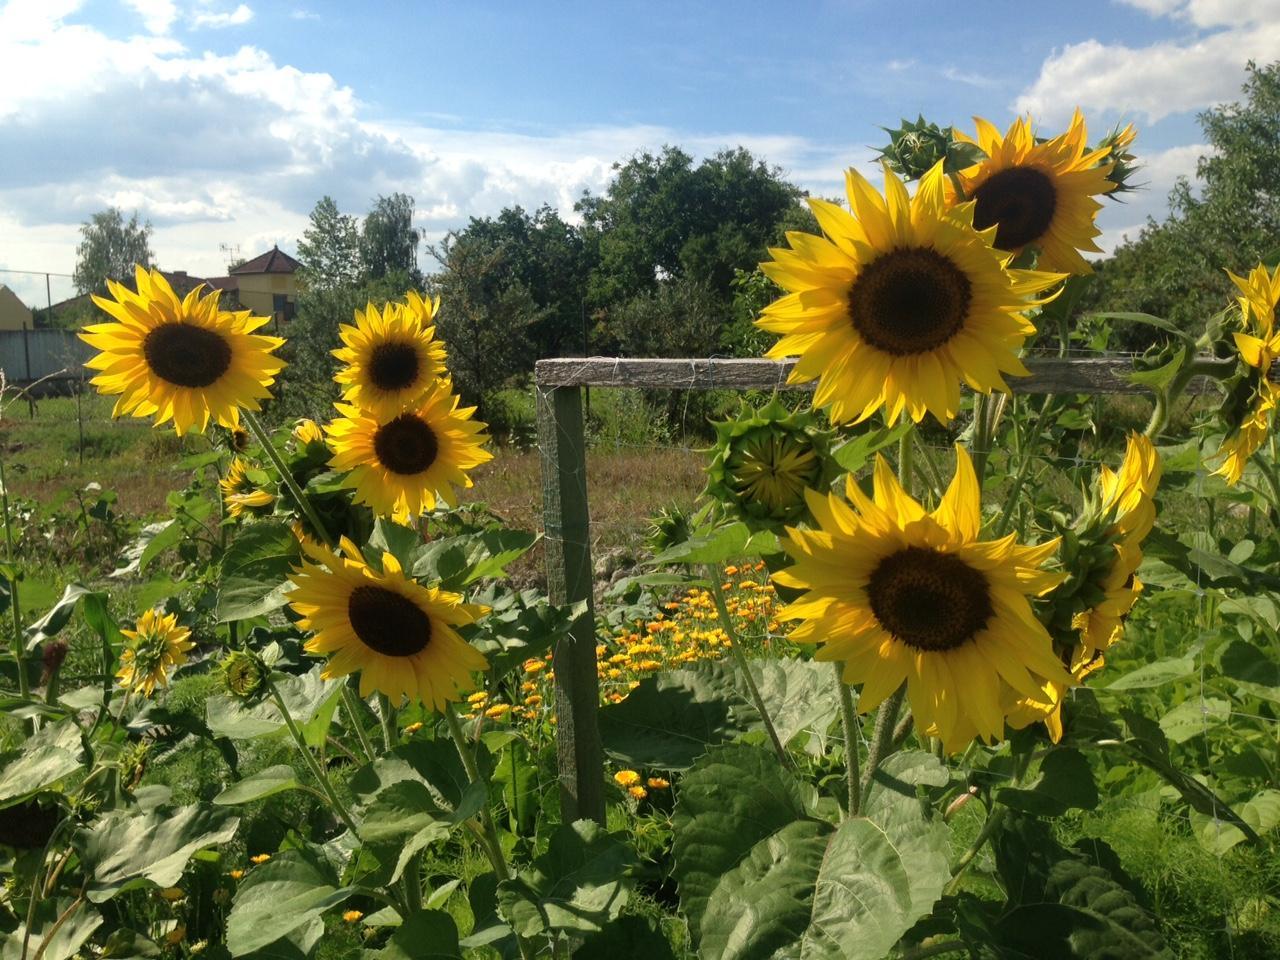 @lubicabystrica krásne máš slnečnice.... - Obrázok č. 3